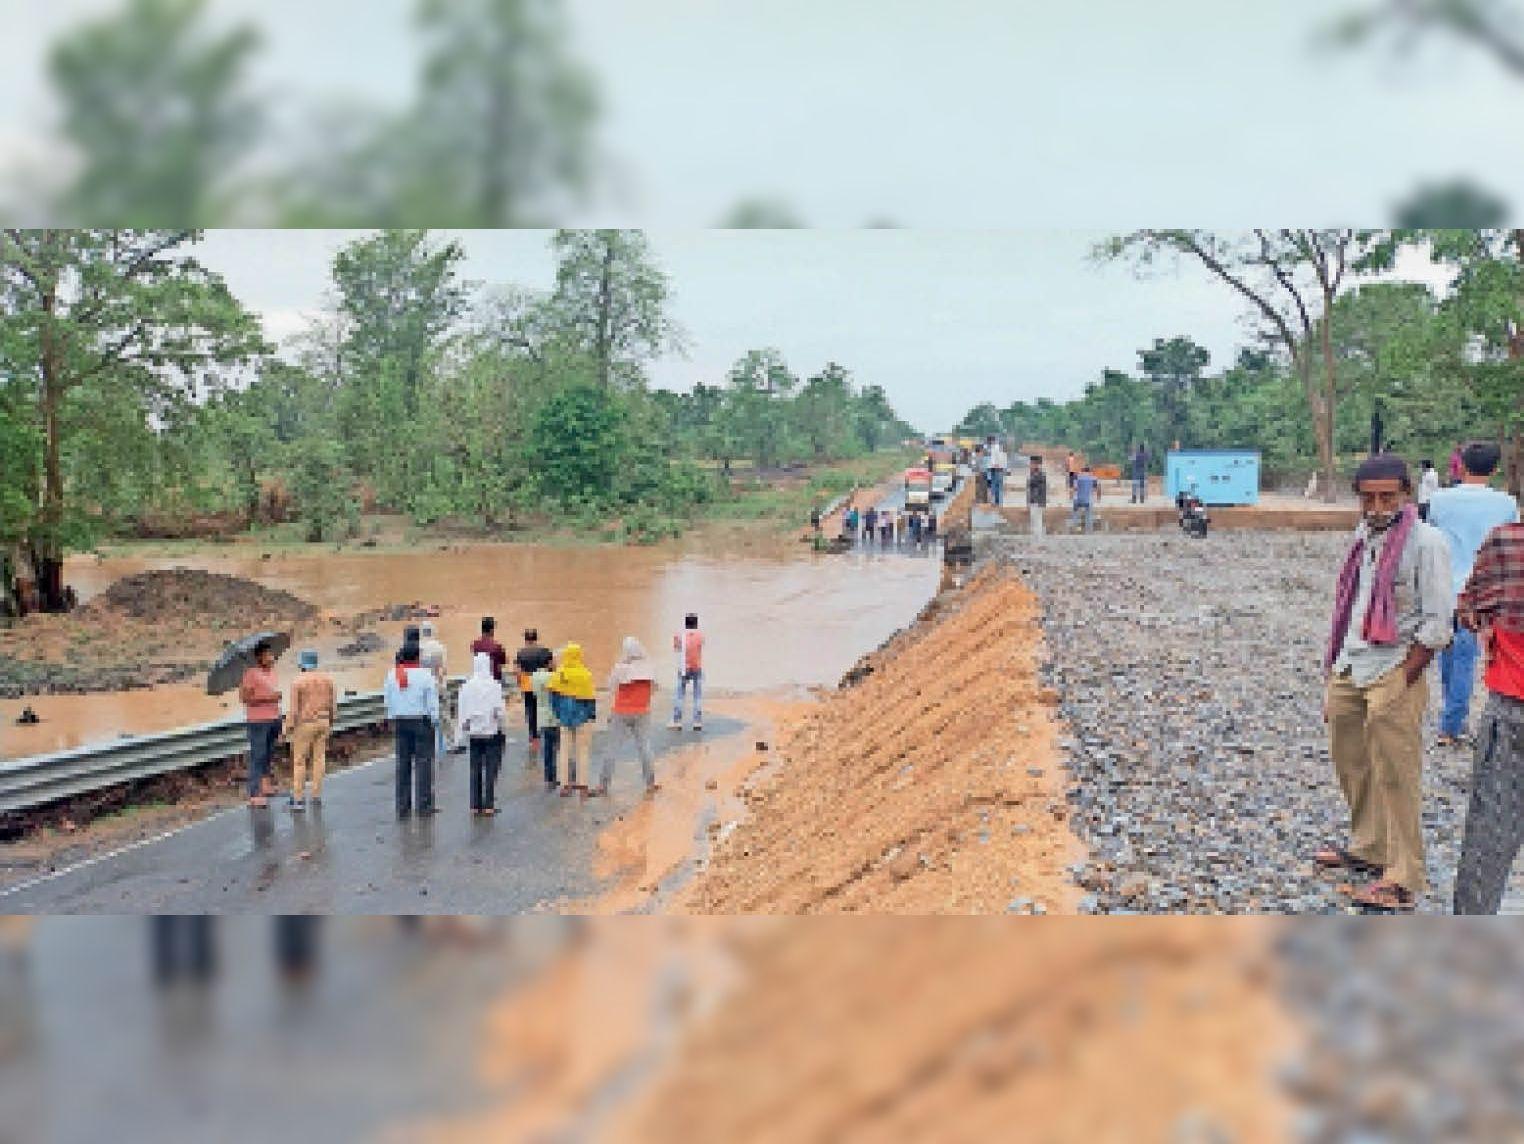 सात दिन में दूसरी बार धार नदी में बाढ़, 7 घंटे बंद रहा हाइवे बैतूल,Betul - Dainik Bhaskar